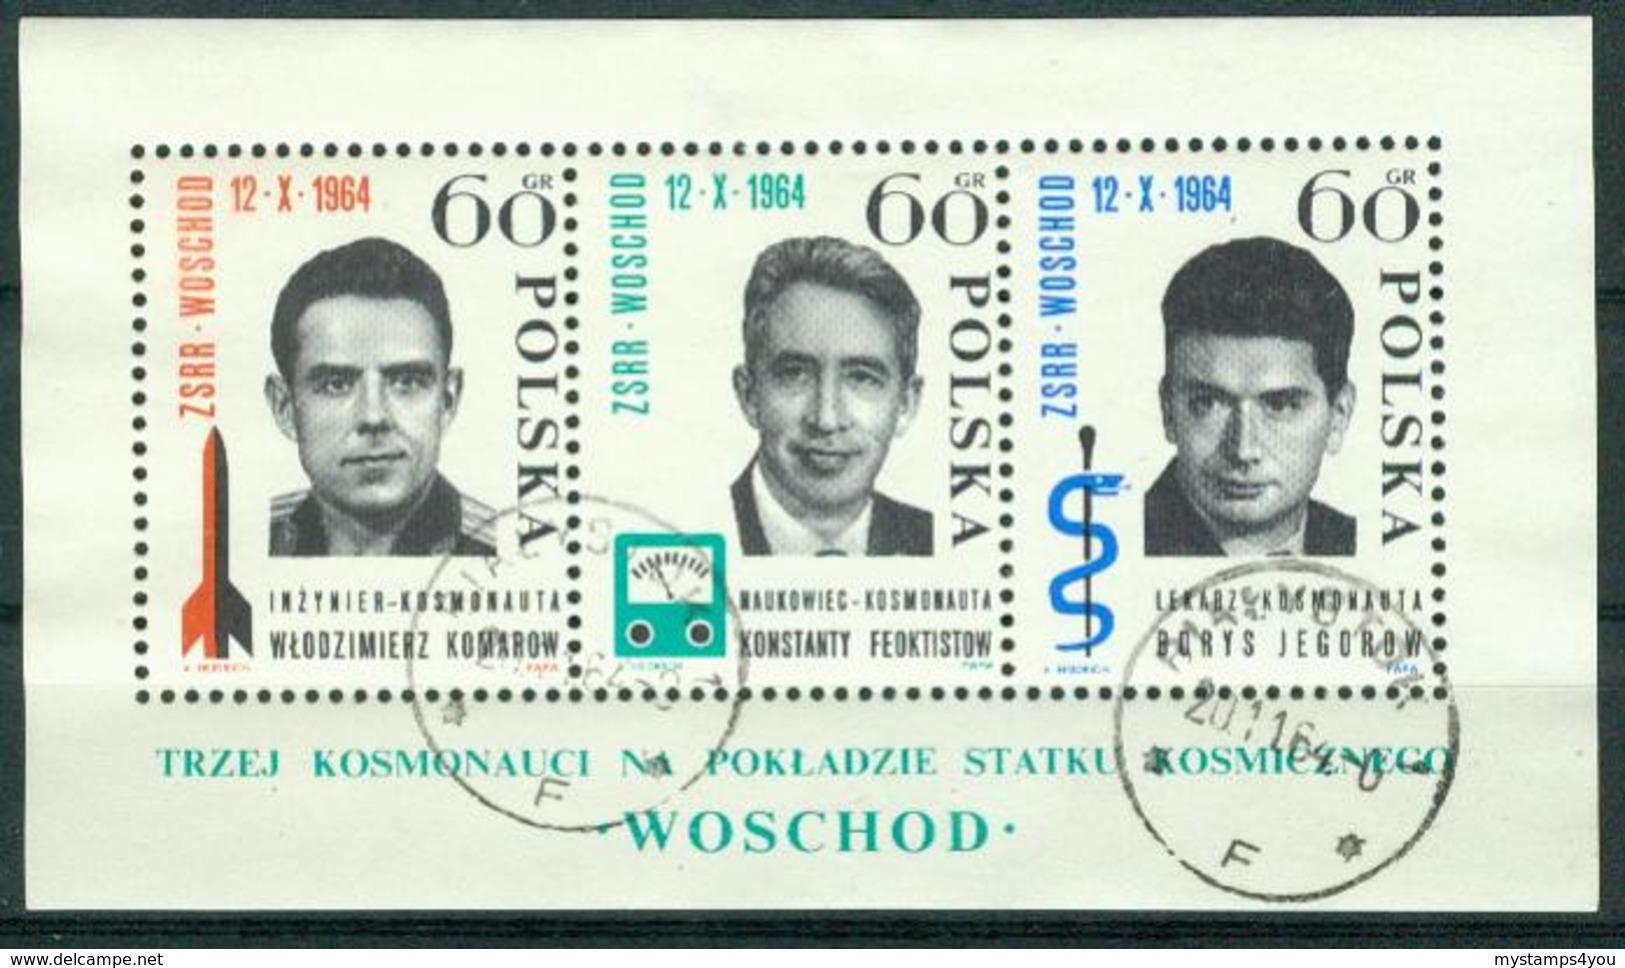 BM Polen 1964 | MiNr Block 35 (1538-1540) | Used | Start Des Sowjetischen Weltraumschiffes Woschod - Blocks & Sheetlets & Panes